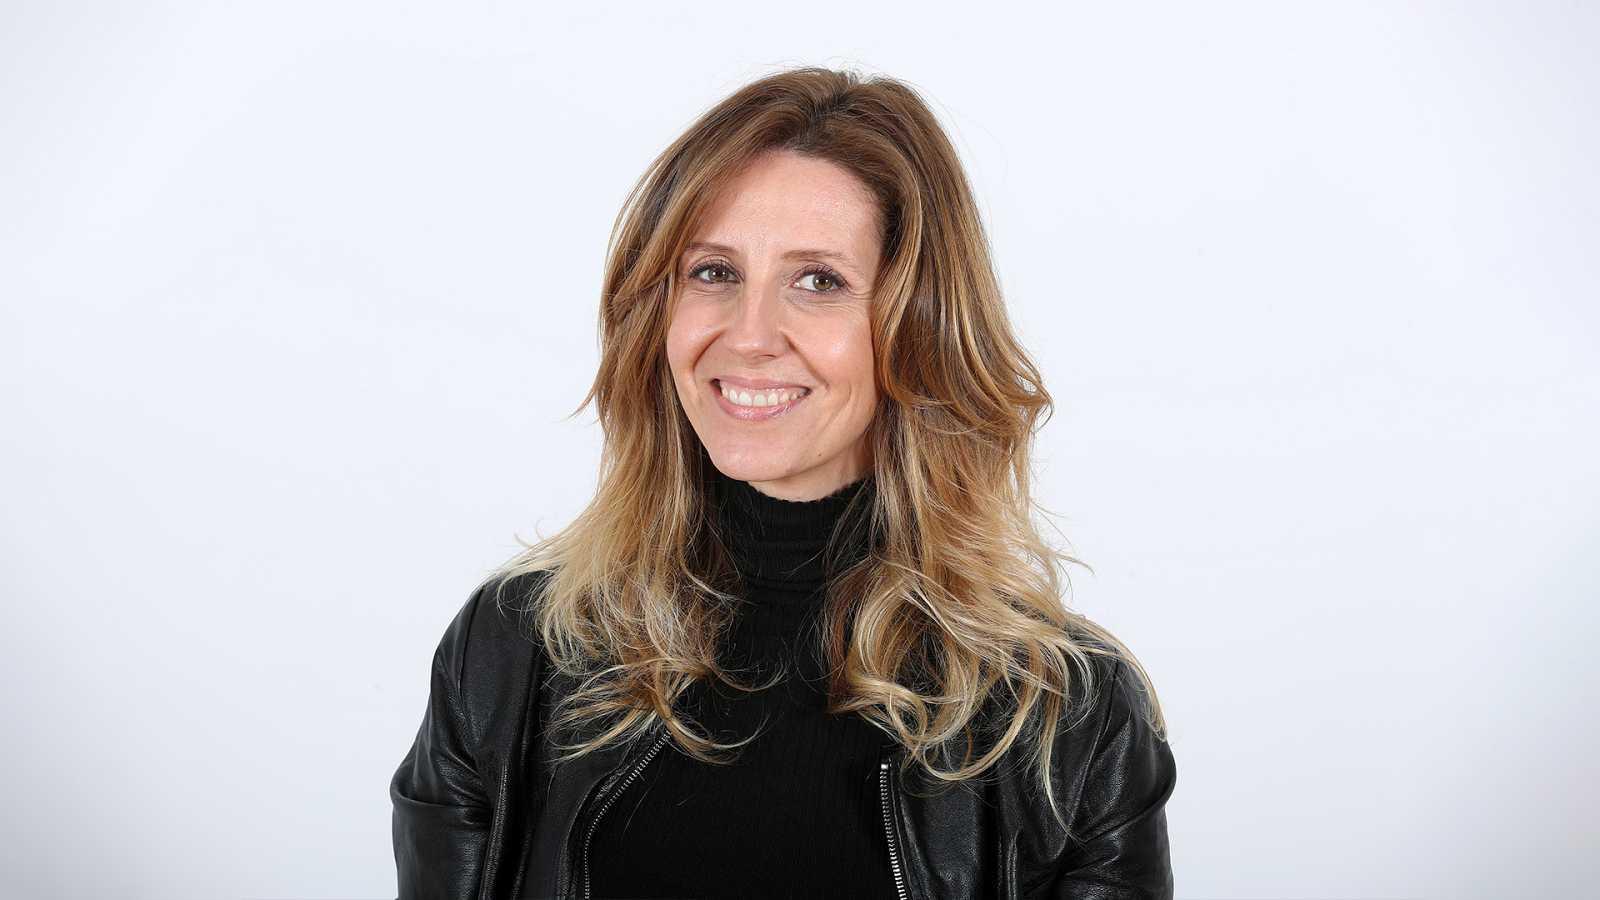 Andrea Vilallonga dará Imagen y Protocolo en la Academia de Operación Triunfo 2020